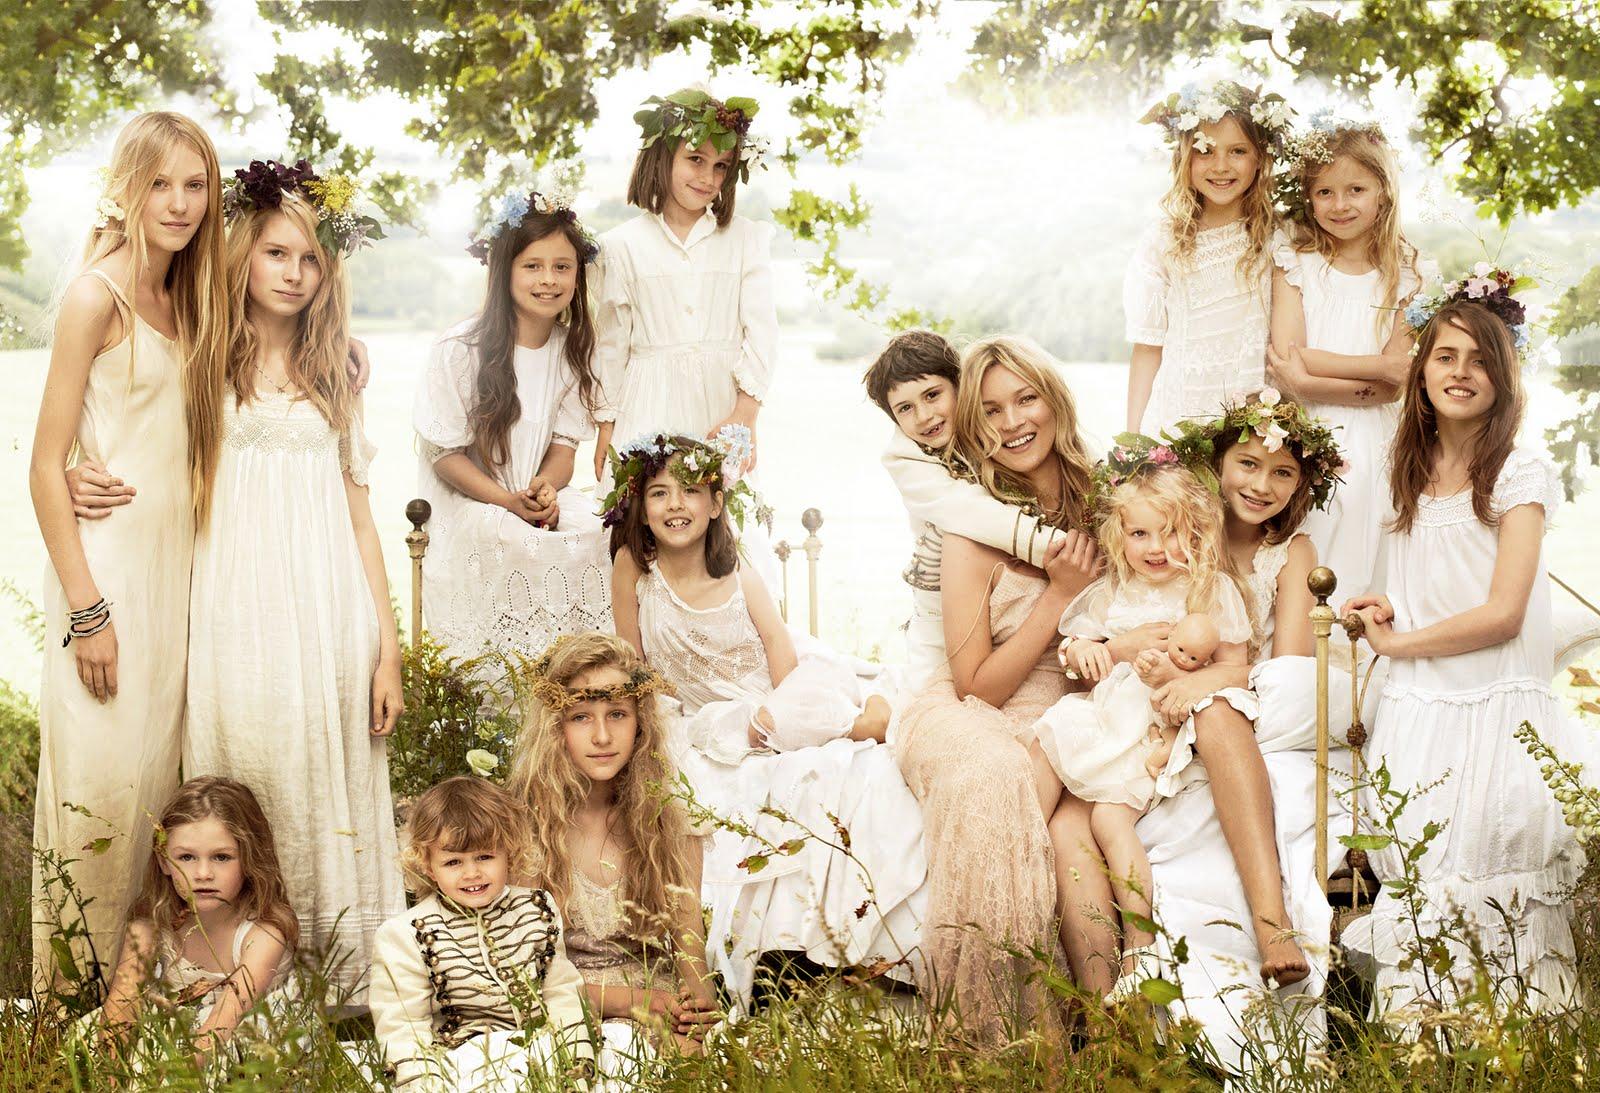 http://2.bp.blogspot.com/-CYuPiqafDnk/TmQzhjvw6YI/AAAAAAAAA_E/Yy5rFyJ7JAo/s1600/bridesmaids.jpg